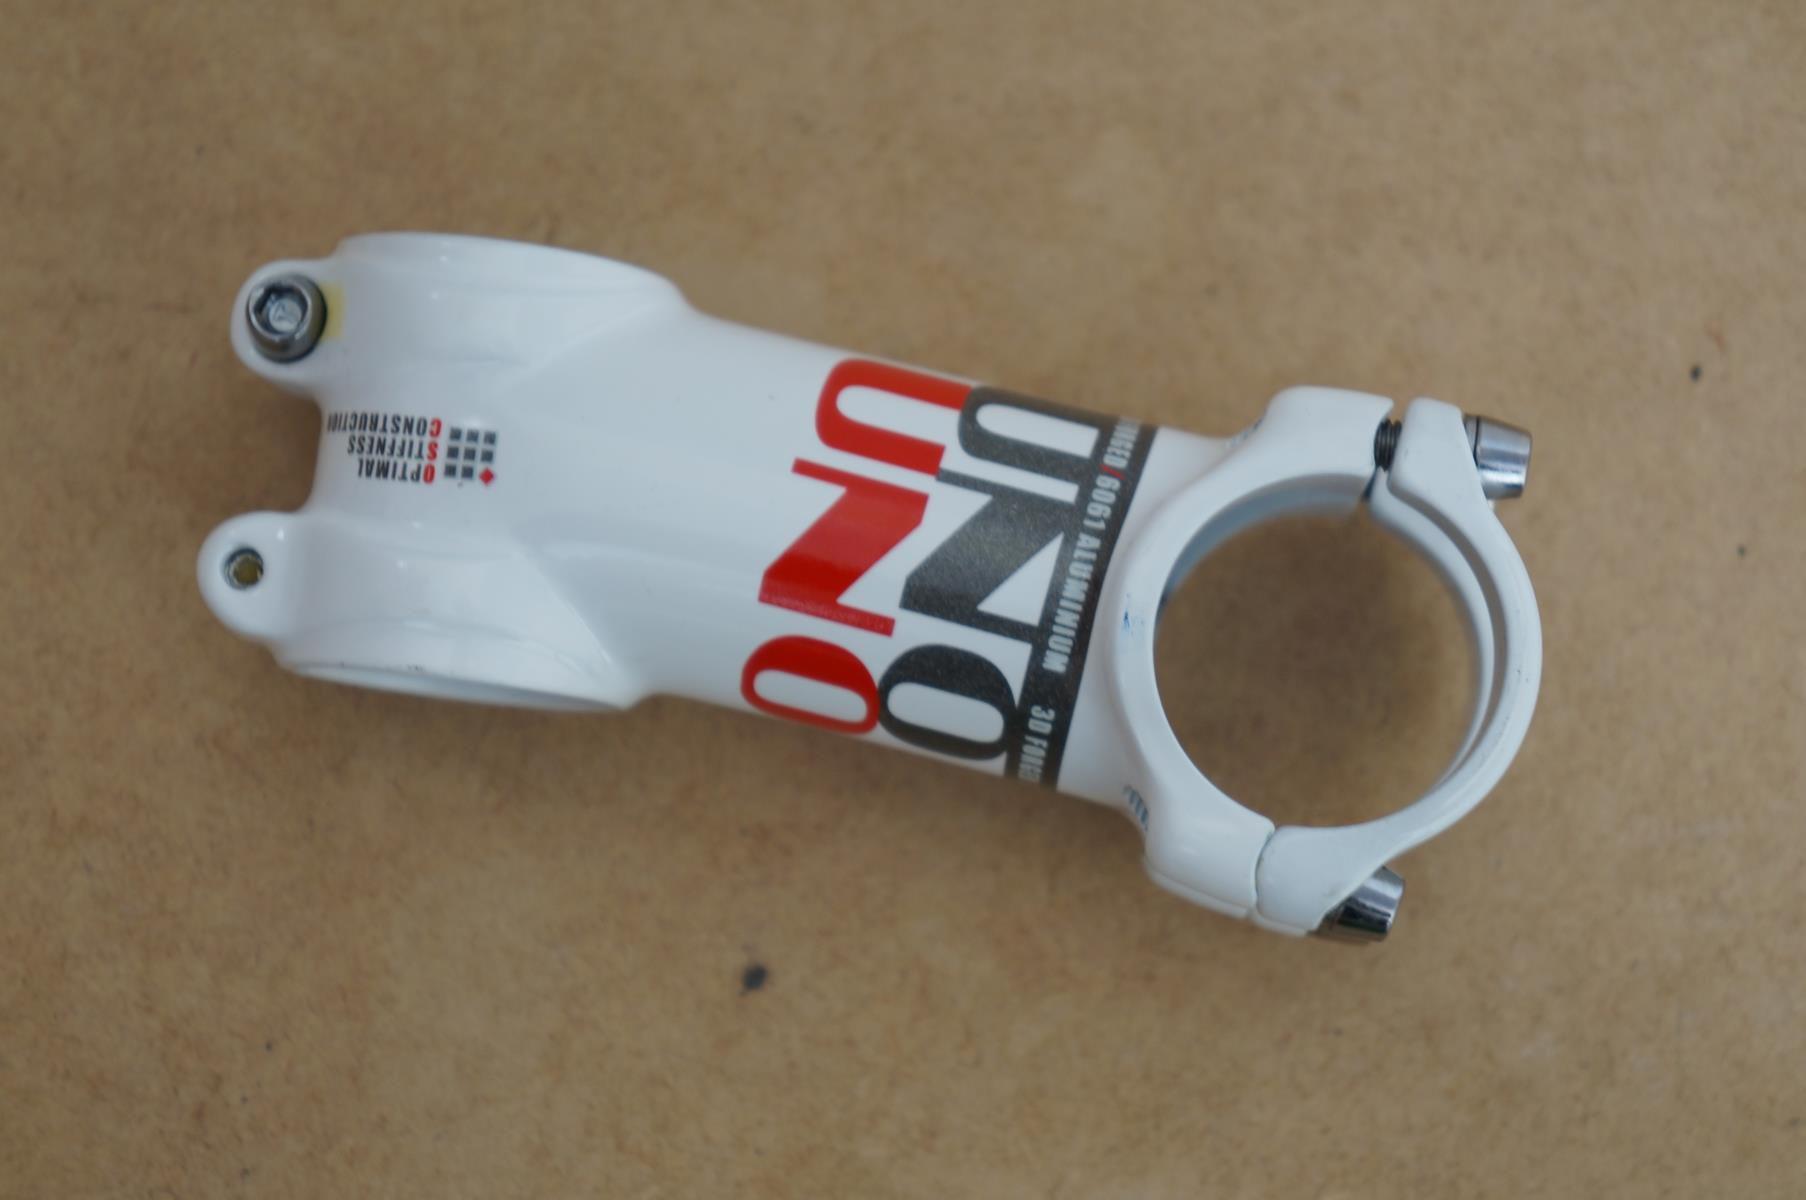 Mesa Bicicleta Uno AS025 31.8mm 7º graus Inclinação Branca Super Leve 95 gramas Várias Medidas